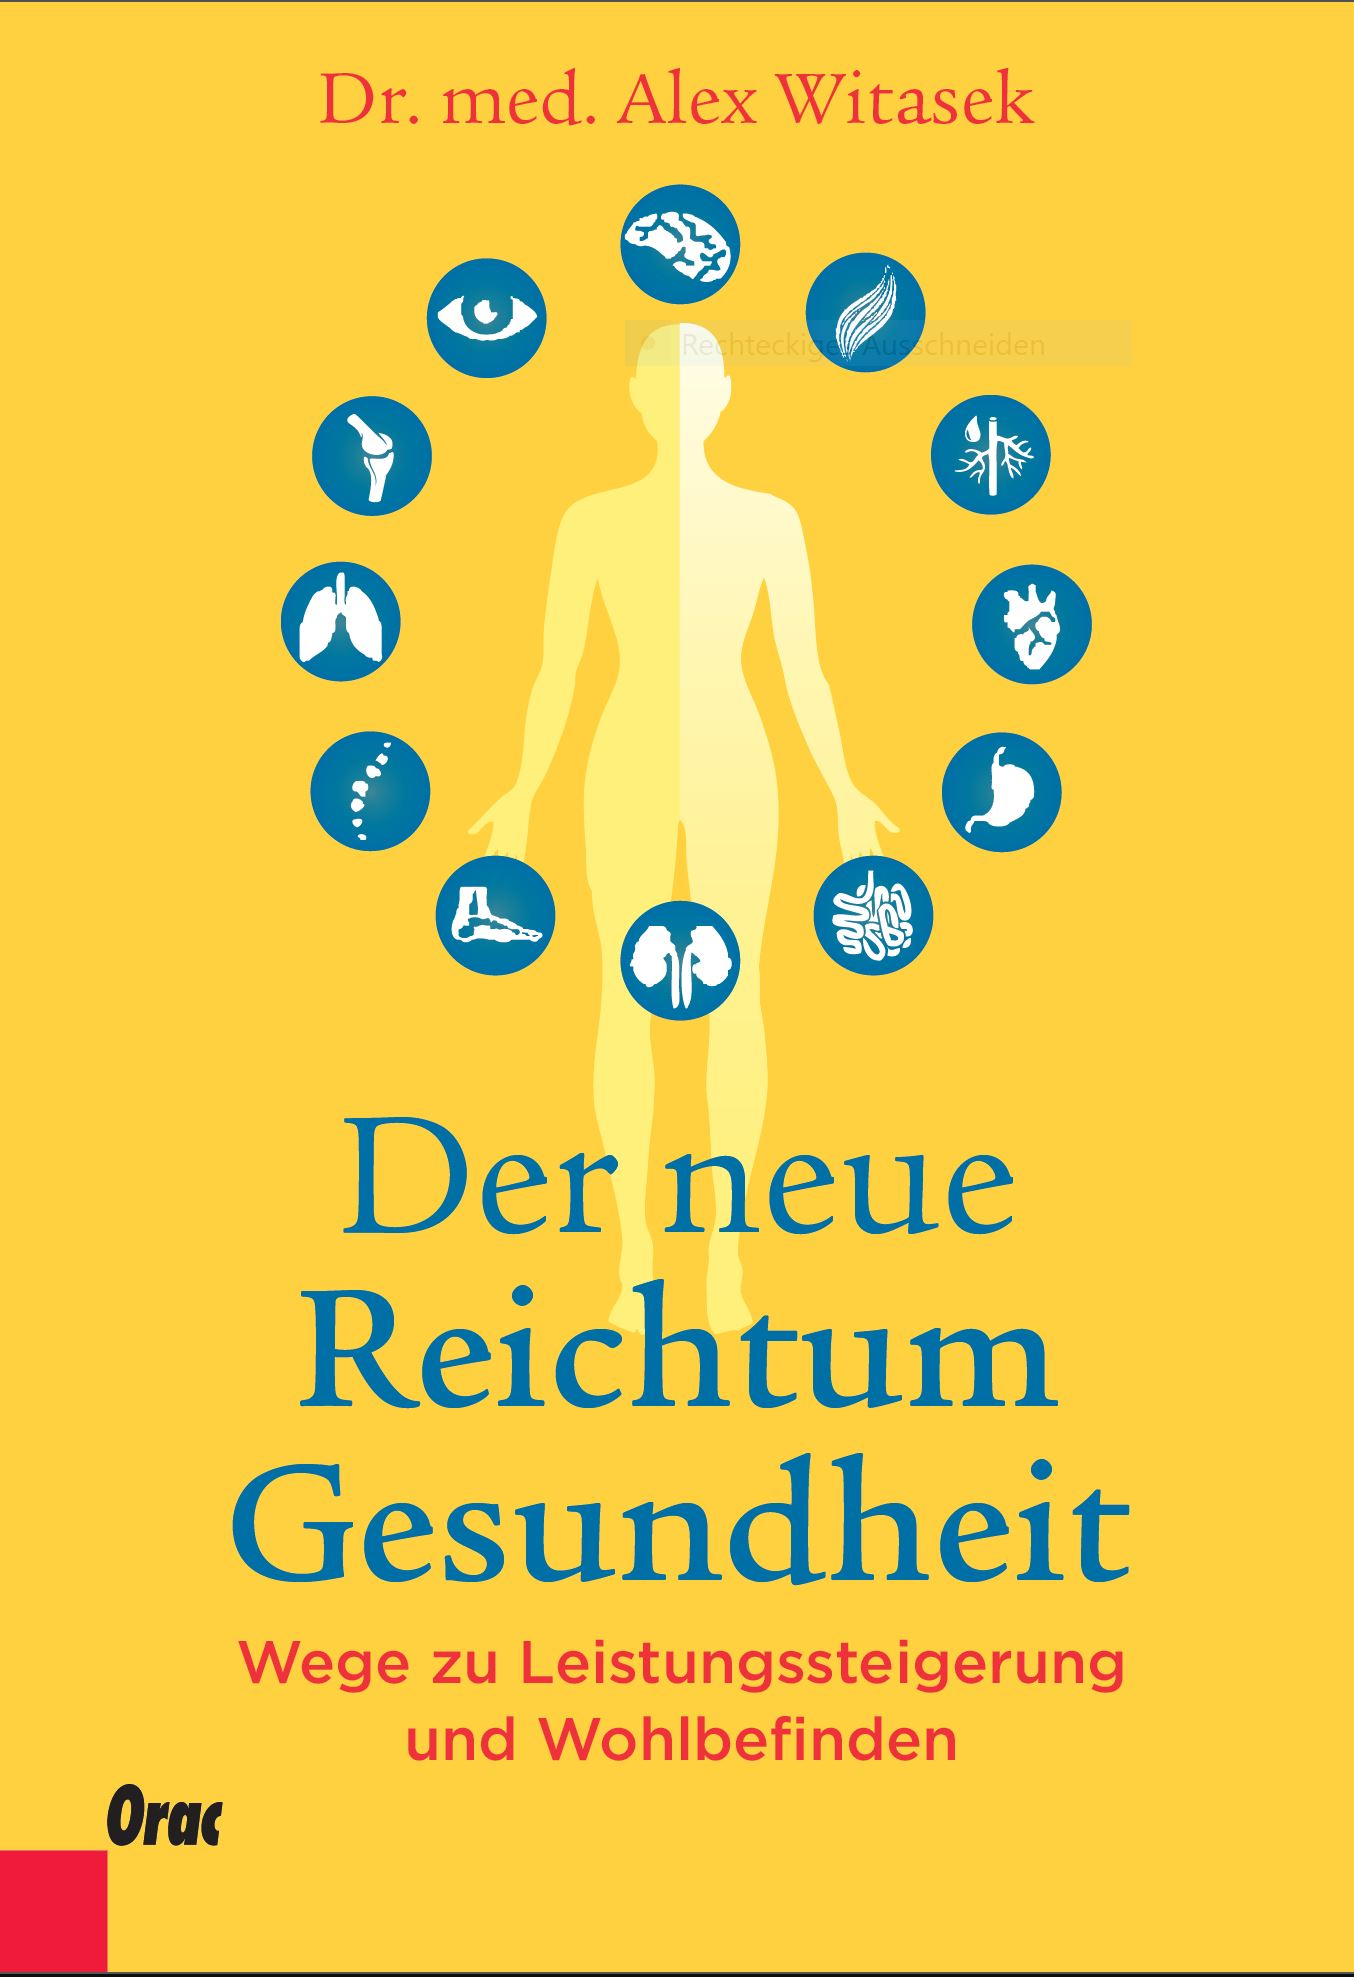 Expert Marketplace -  Dr.   Alex   Witasek  - Der neue Reichtum Gesundheit